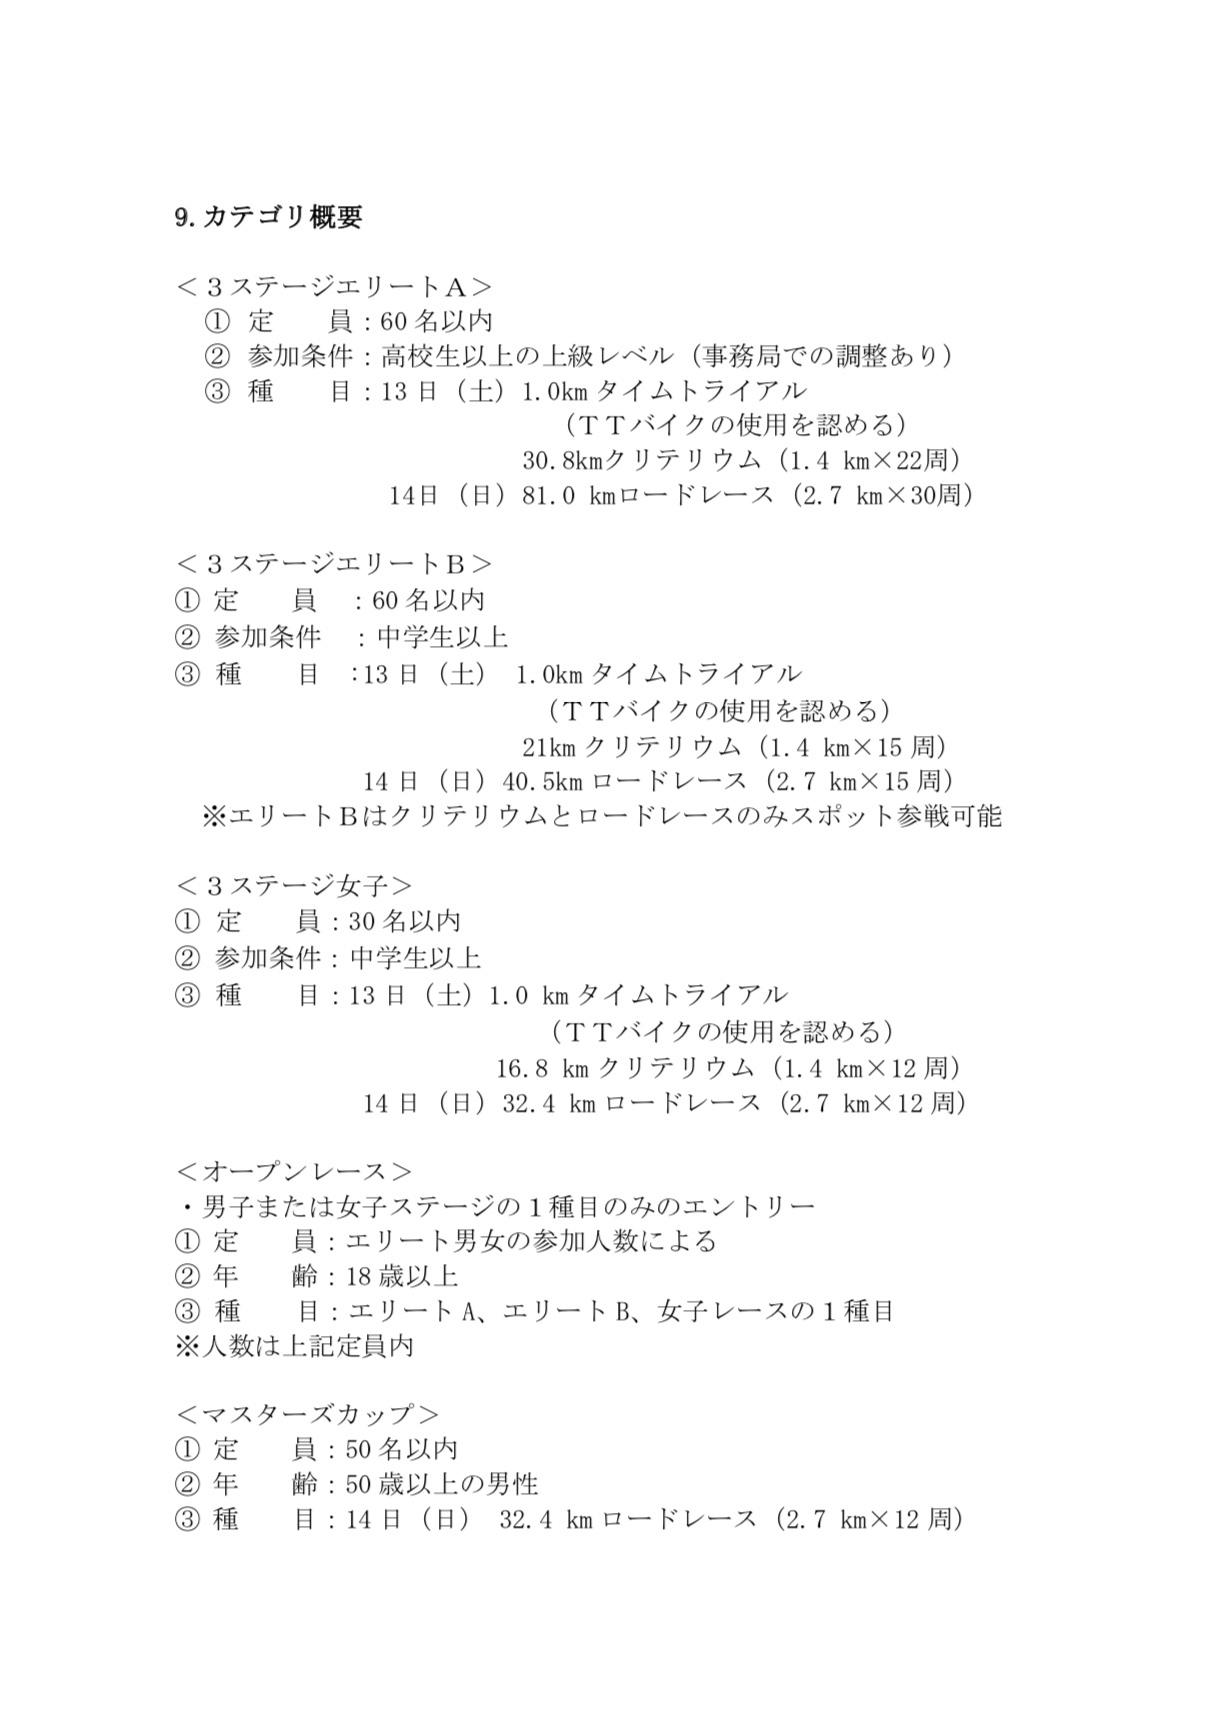 3/15迄。4/13.14(土.日)〝おきなわロードレース〟 3ステージ in ANA SPORTS PARK 浦添_e0363689_16331693.jpeg